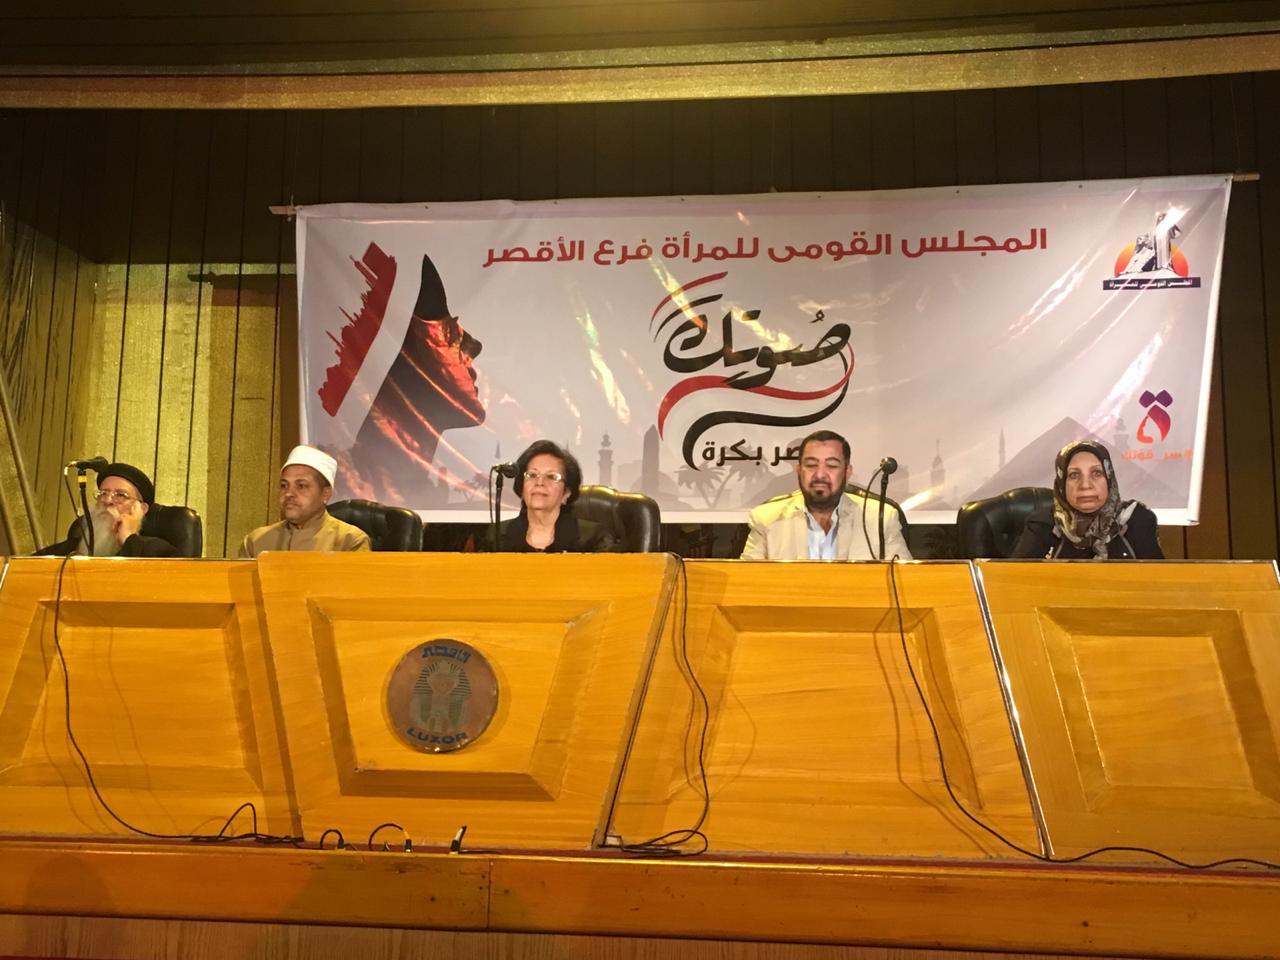 القومي للمرأة بالأقصر ينظم مؤتمر لتوعية السيدات بأهمية المشاركة في التصويت بالتعديلات الدستورية  (1)